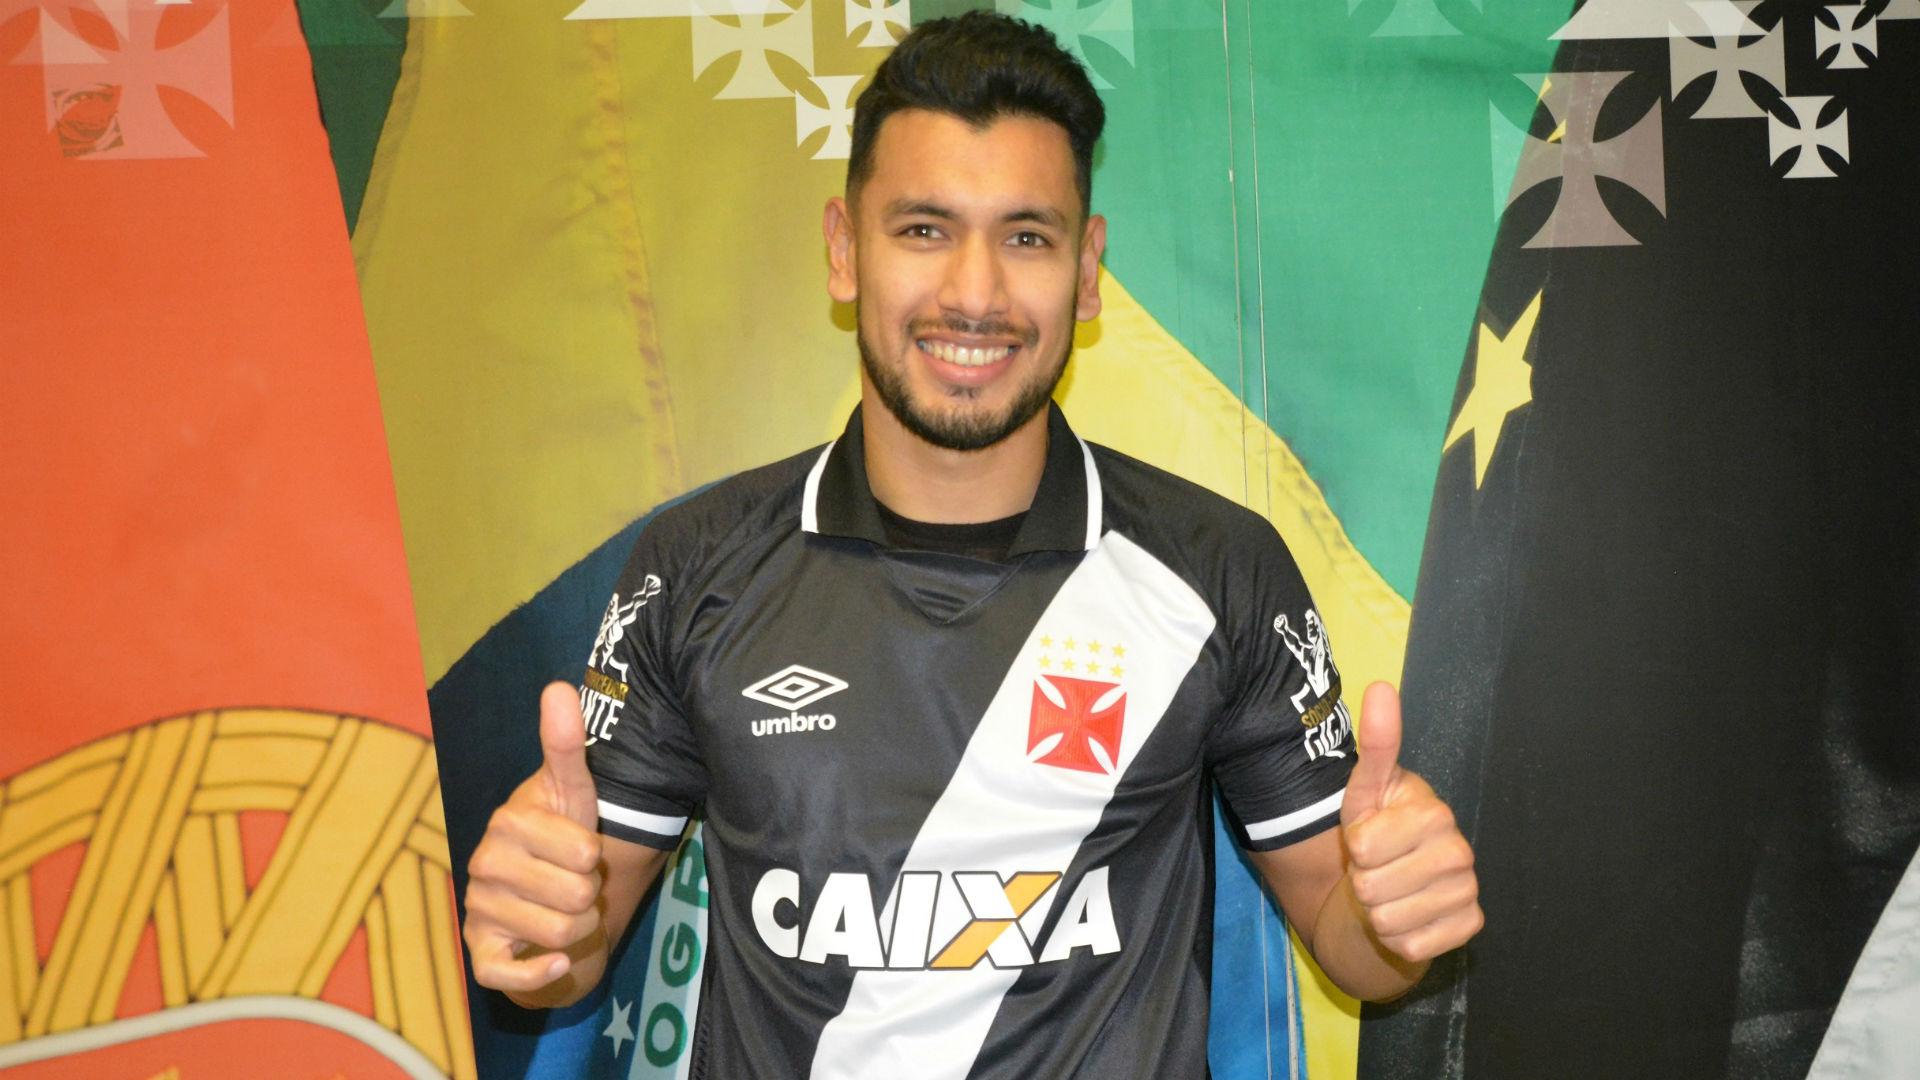 Vasco anuncia contratação do atacante argentino Andrés Rios